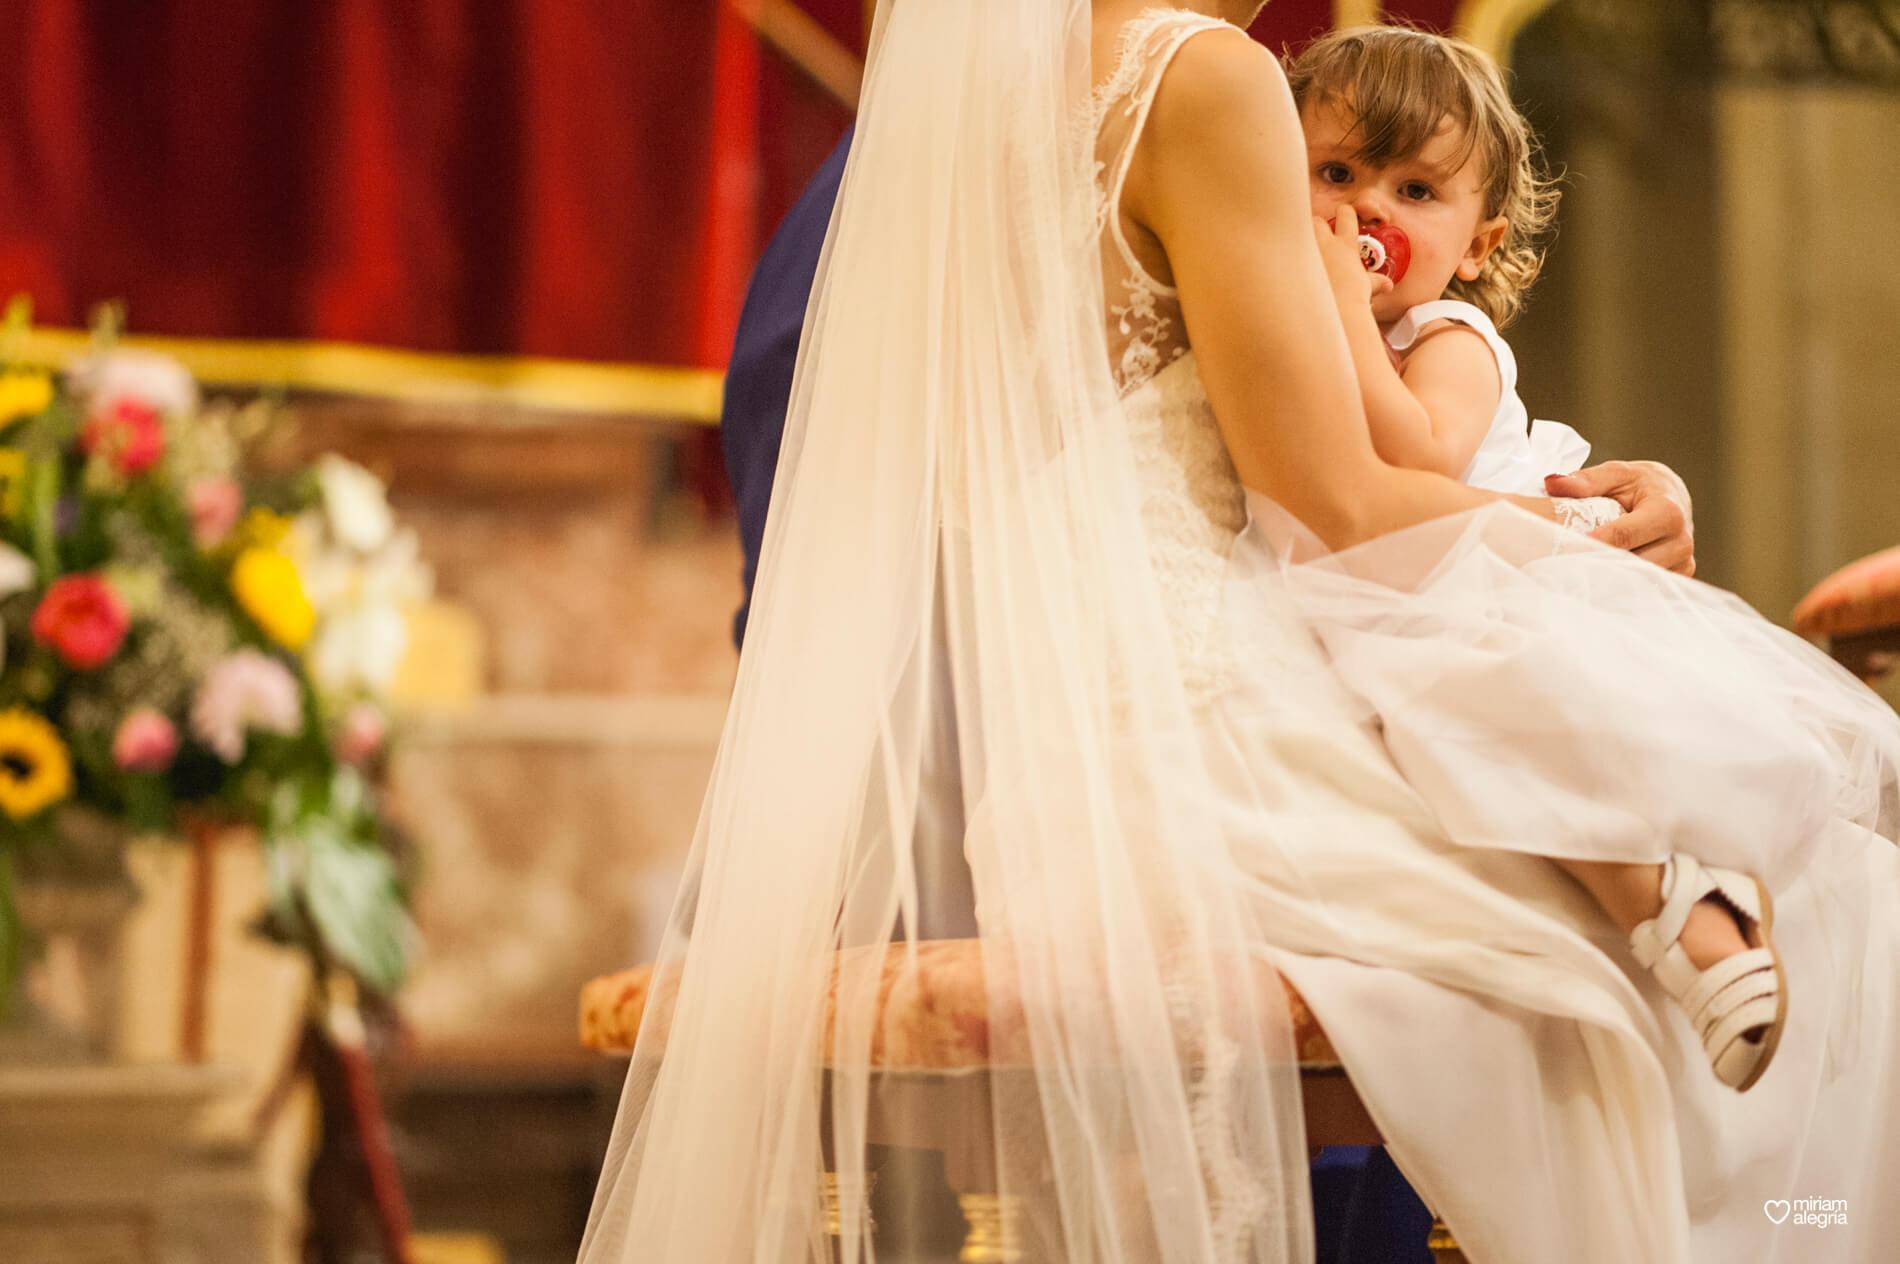 wedding-huerto-del-cura-elche-miriam-alegria-fotografos-boda-217